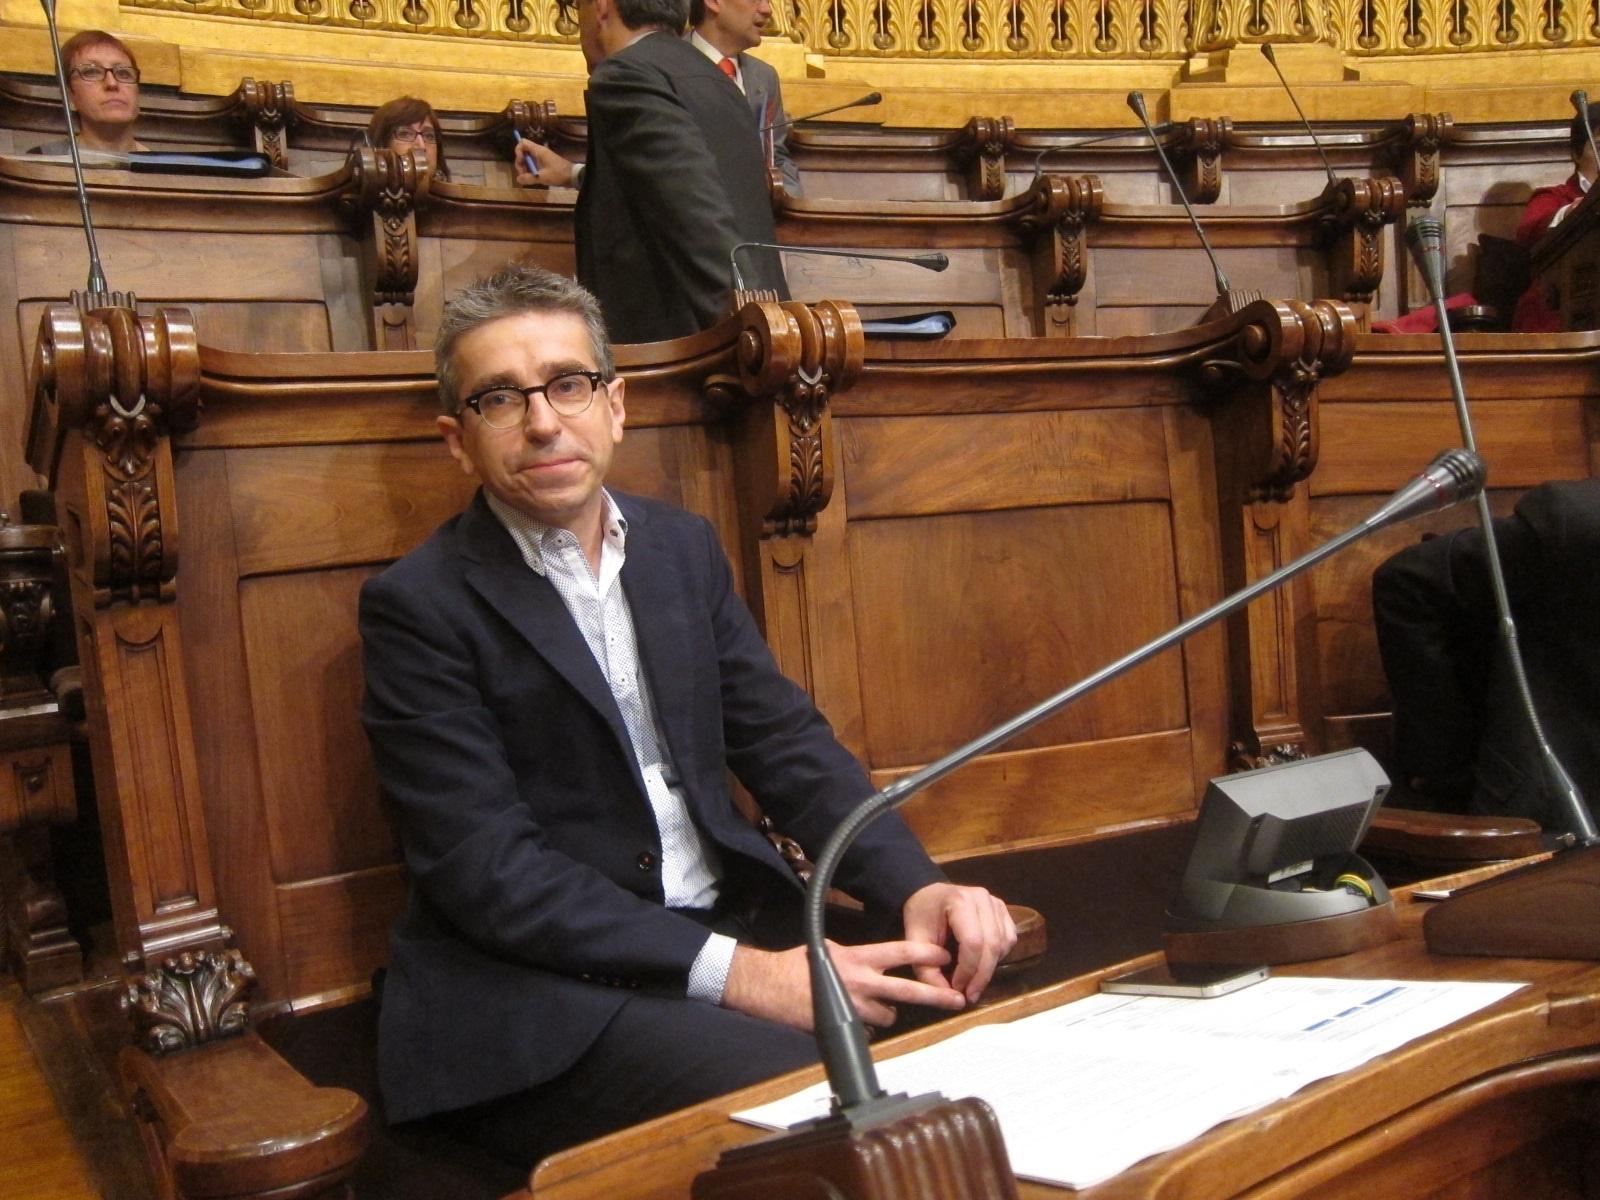 El PSC de Barcelona critica que la dirección del partido recurra al «ataque personal» contra los críticos